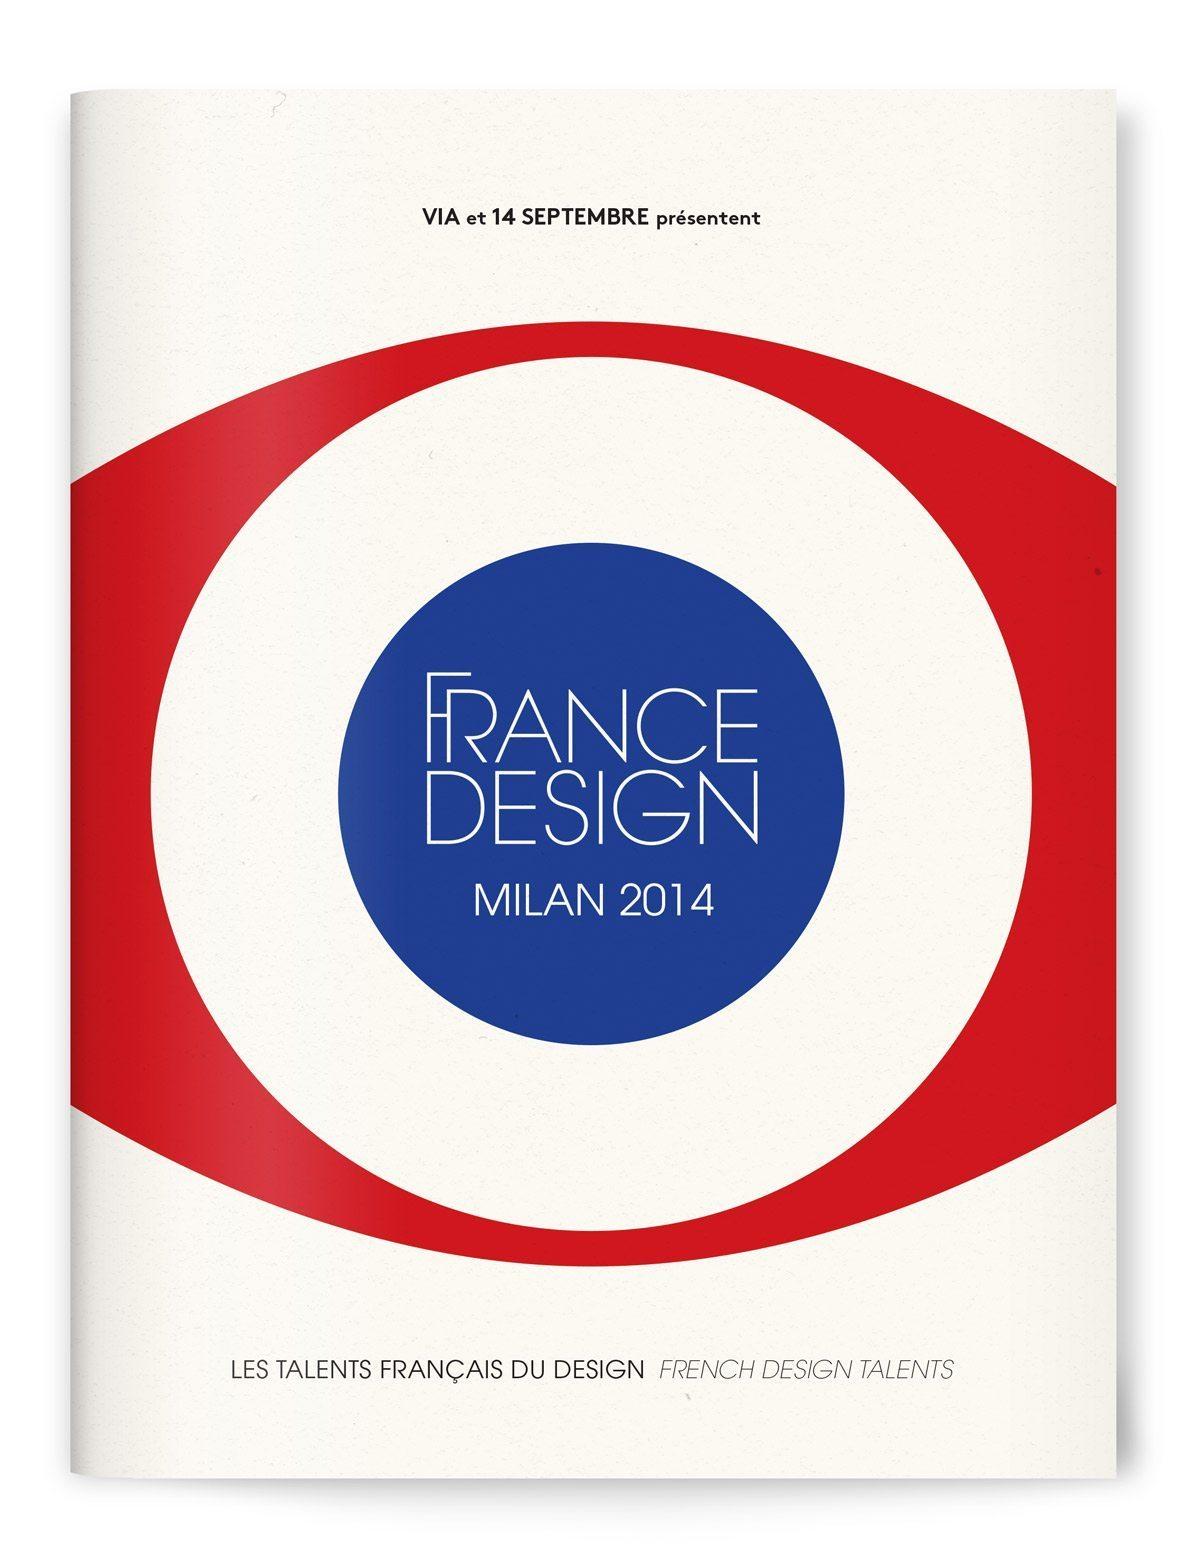 Catalogue France Design à Milan, signé Ich&Kar. Cet événement rassemble les principaux acteurs du design français dans le cadre de la programmation du Off de la semaine milanaise du design